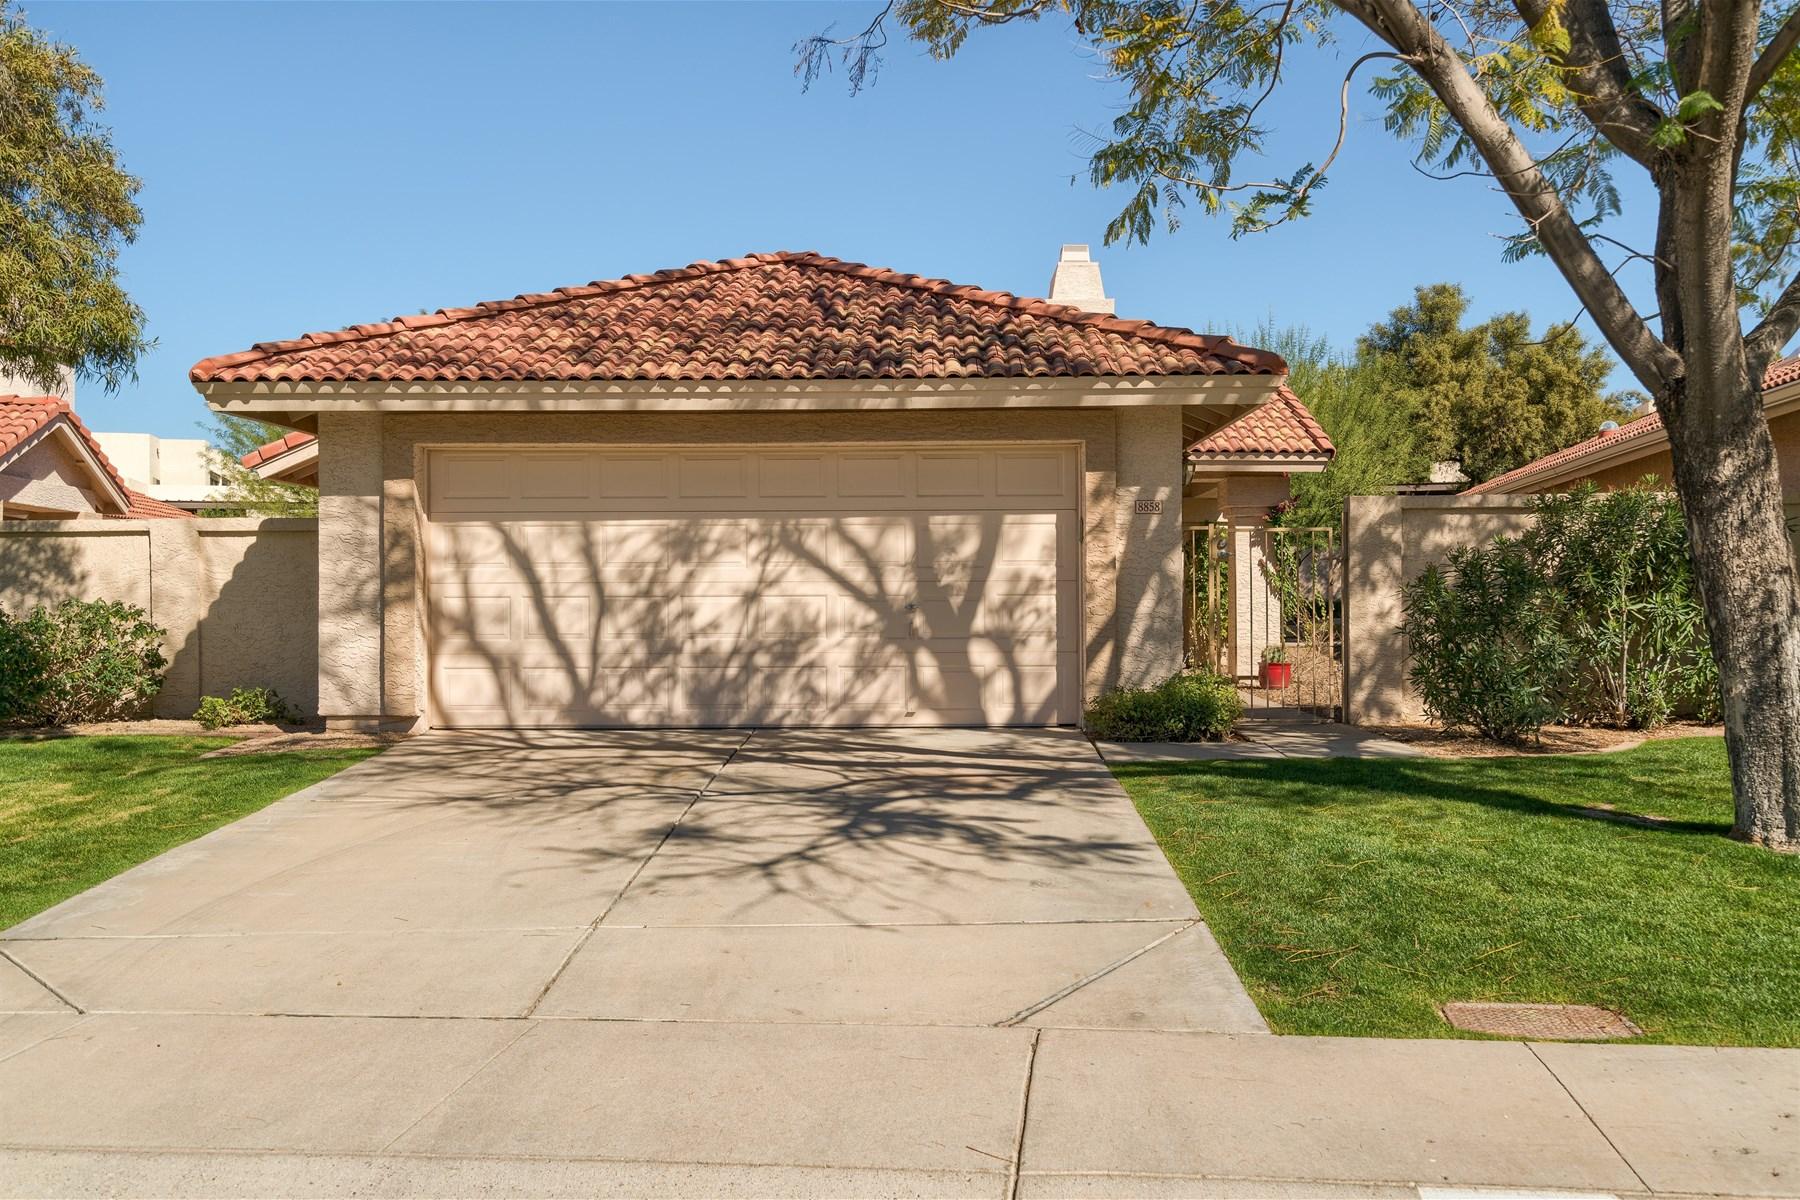 獨棟家庭住宅 為 出售 在 highly Home is in desirable Cactus Corridor 8858 E Sunnyside Dr Scottsdale, 亞利桑那州, 85260 美國